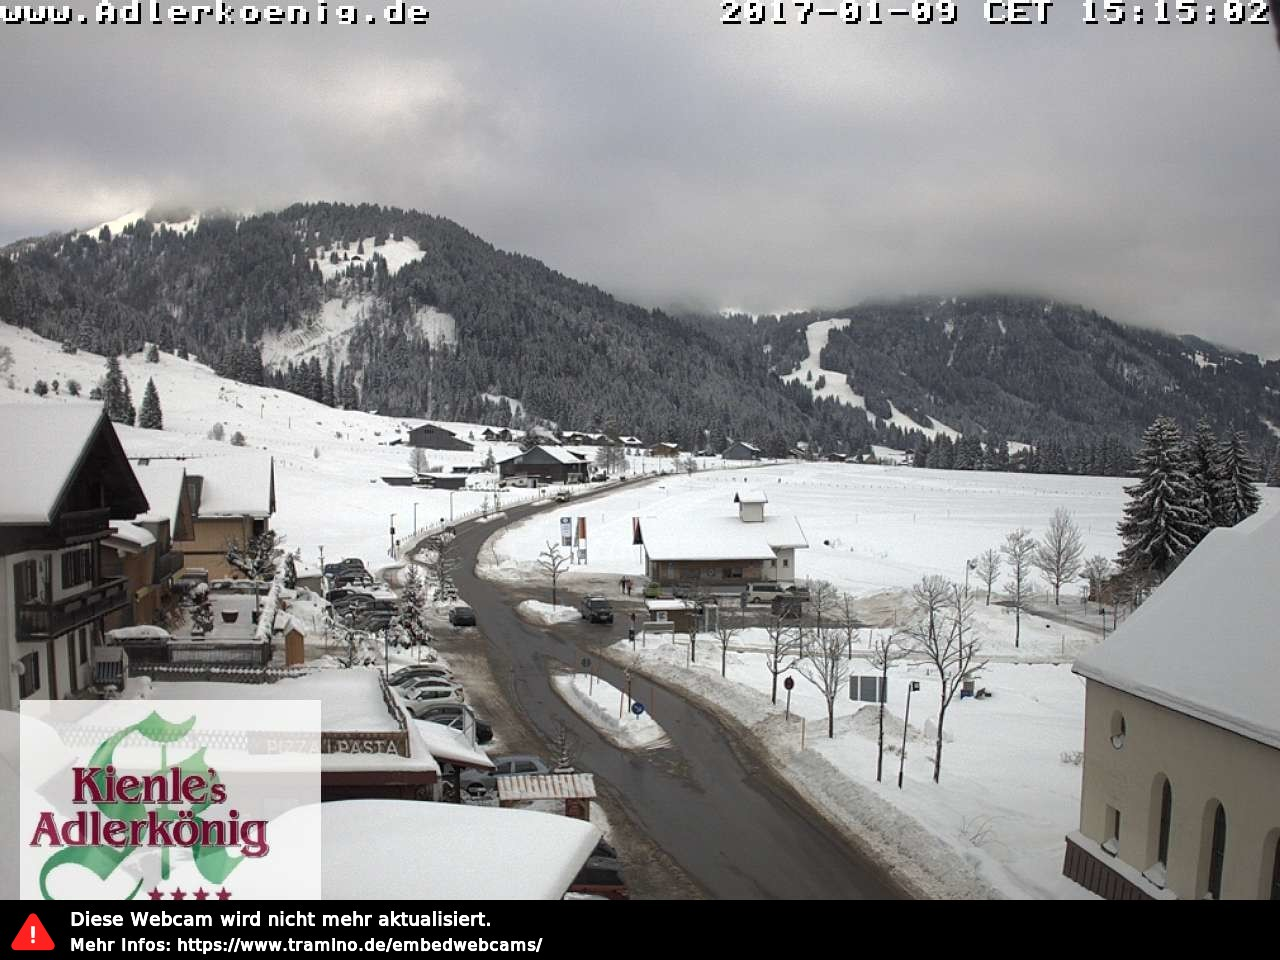 Webcam Skigebiet Balderschwang cam 3 - Allg�u